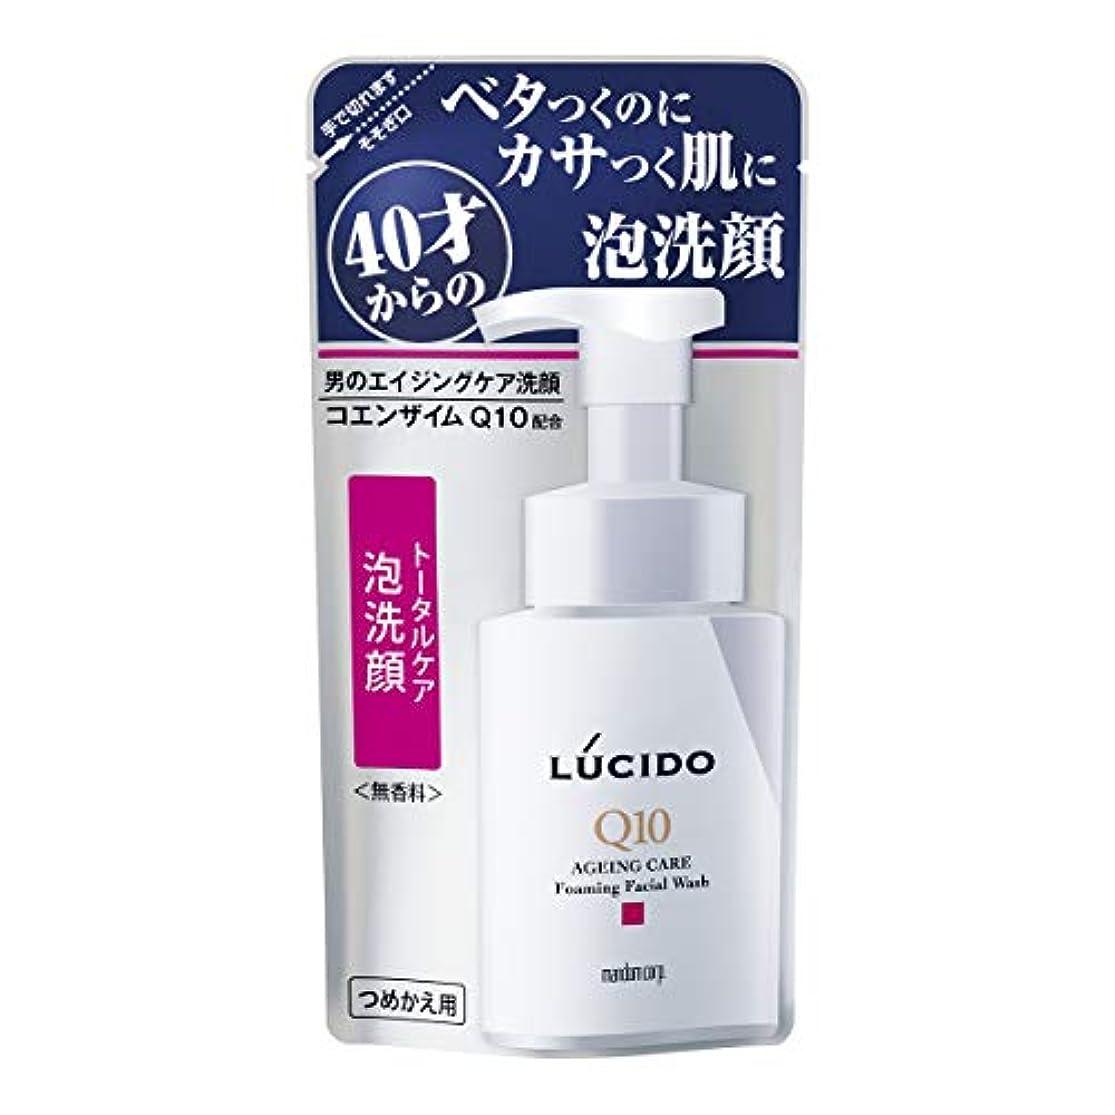 開梱対処絡まるLUCIDO(ルシード) トータルケア泡洗顔 つめかえ用 Q10 130mL